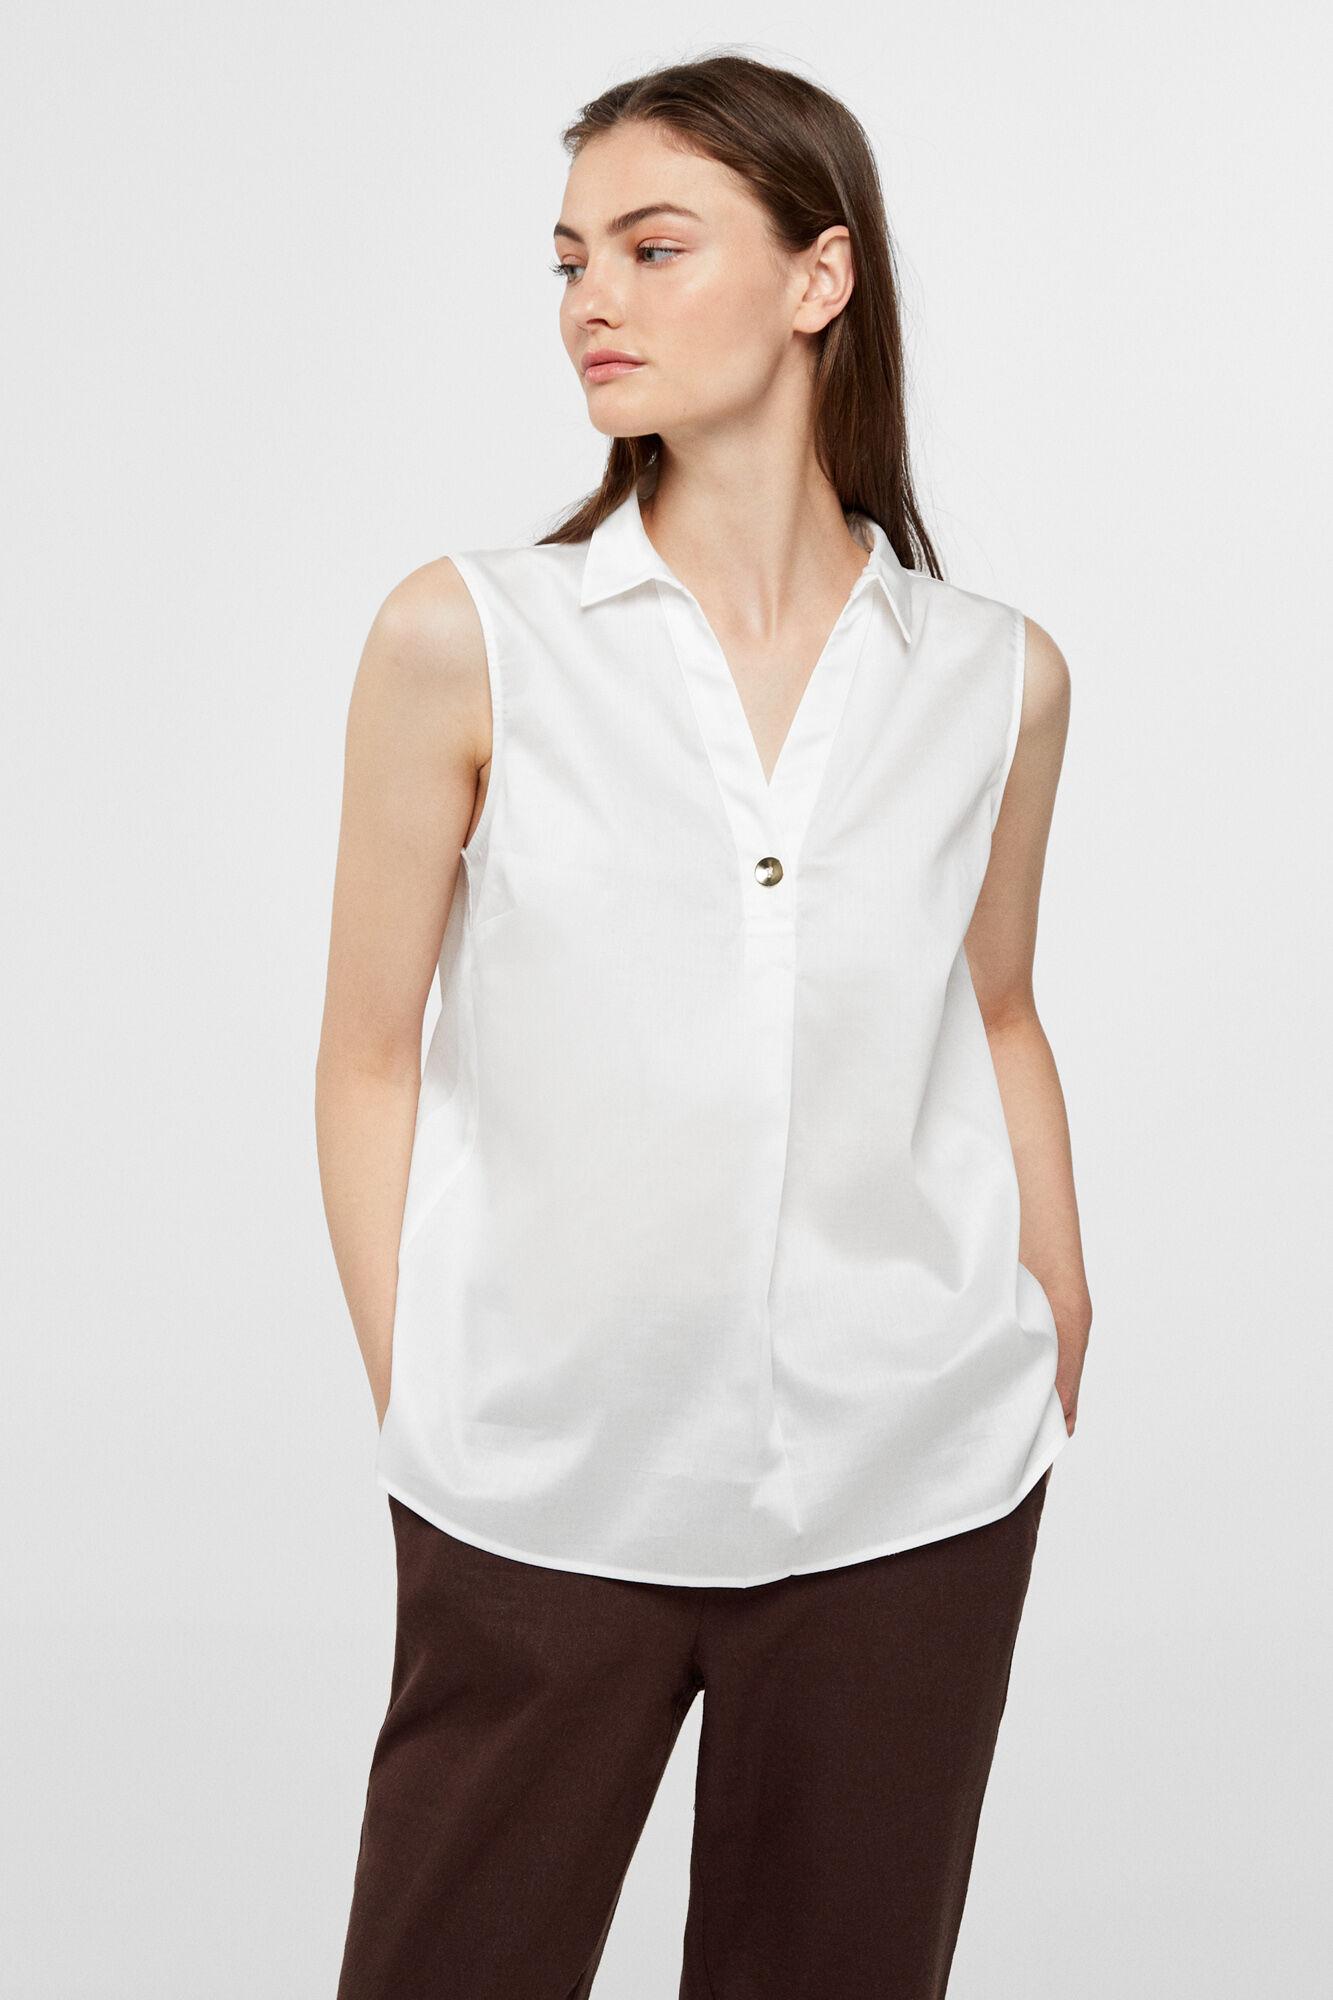 Blusas MujerCortefiel De Blusas Y Y Camisas BedxorQCW